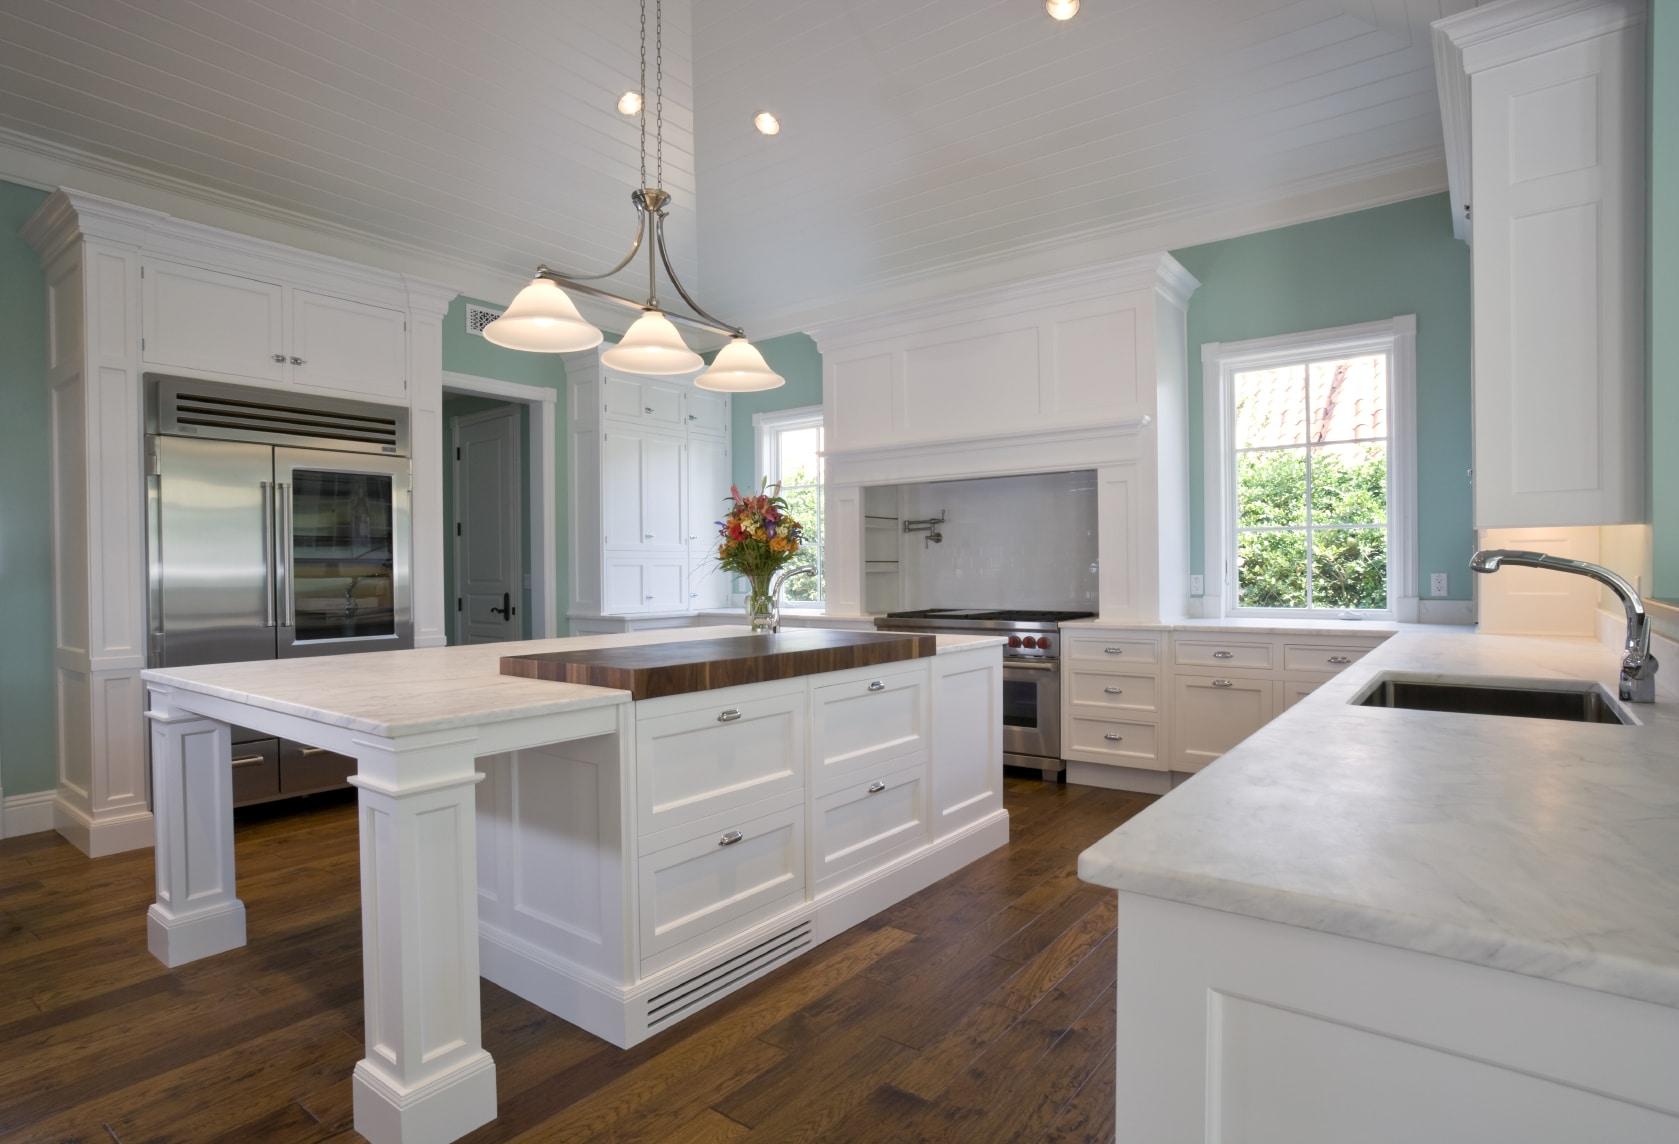 Cuisine blanche : 36 idées de luxe pour une cuisine design